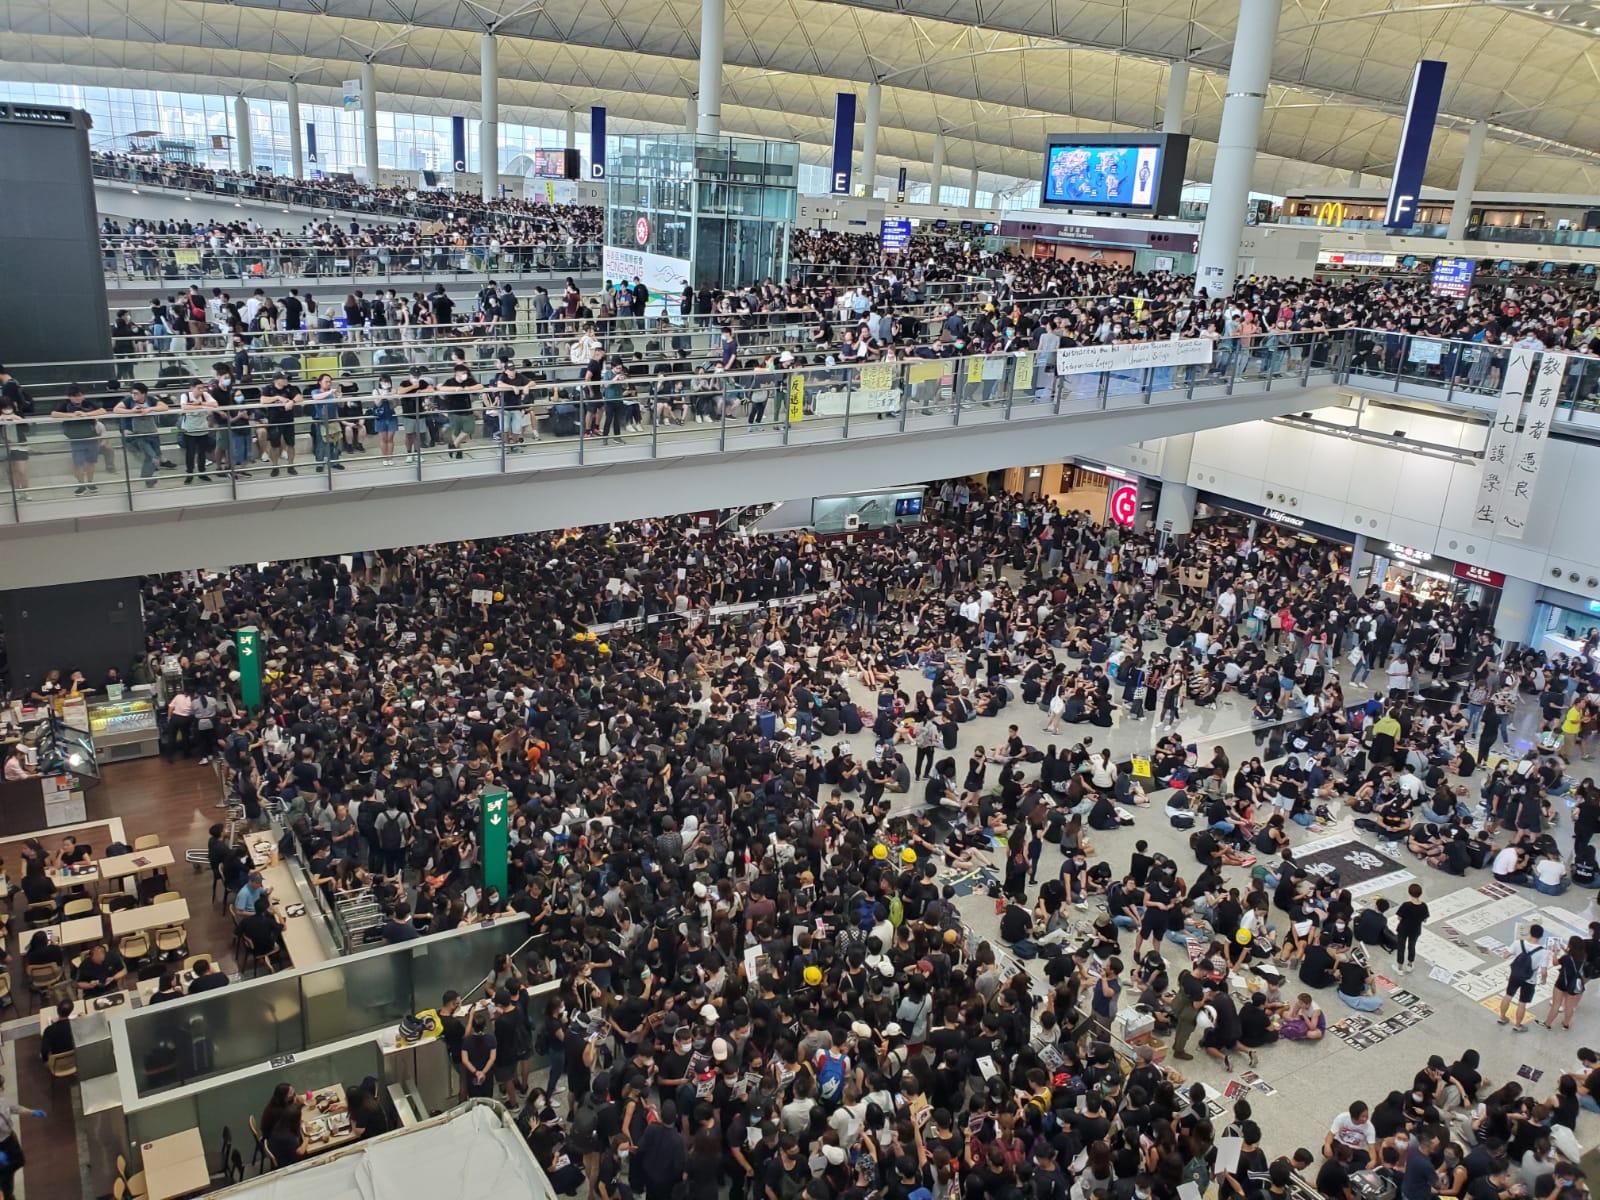 示威者企滿出入境大堂。